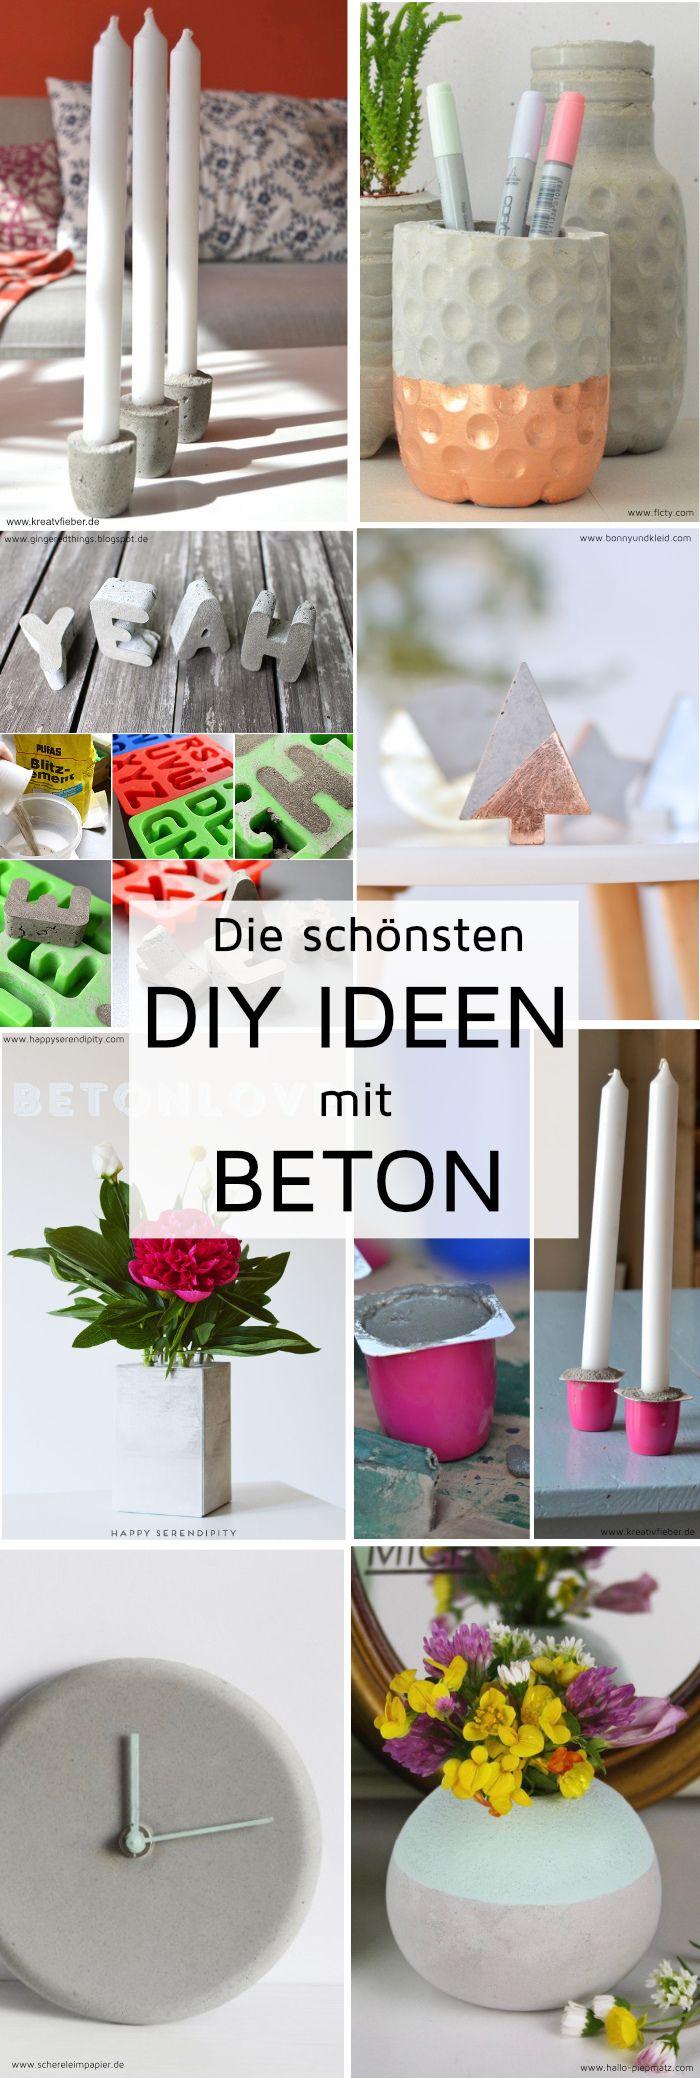 Die schönsten DIY Ideen mit Beton - Deko, Geschenke und Interieur aus Beton basteln. Mehr dazu erfahrt ihr auf Madmoisell.com!